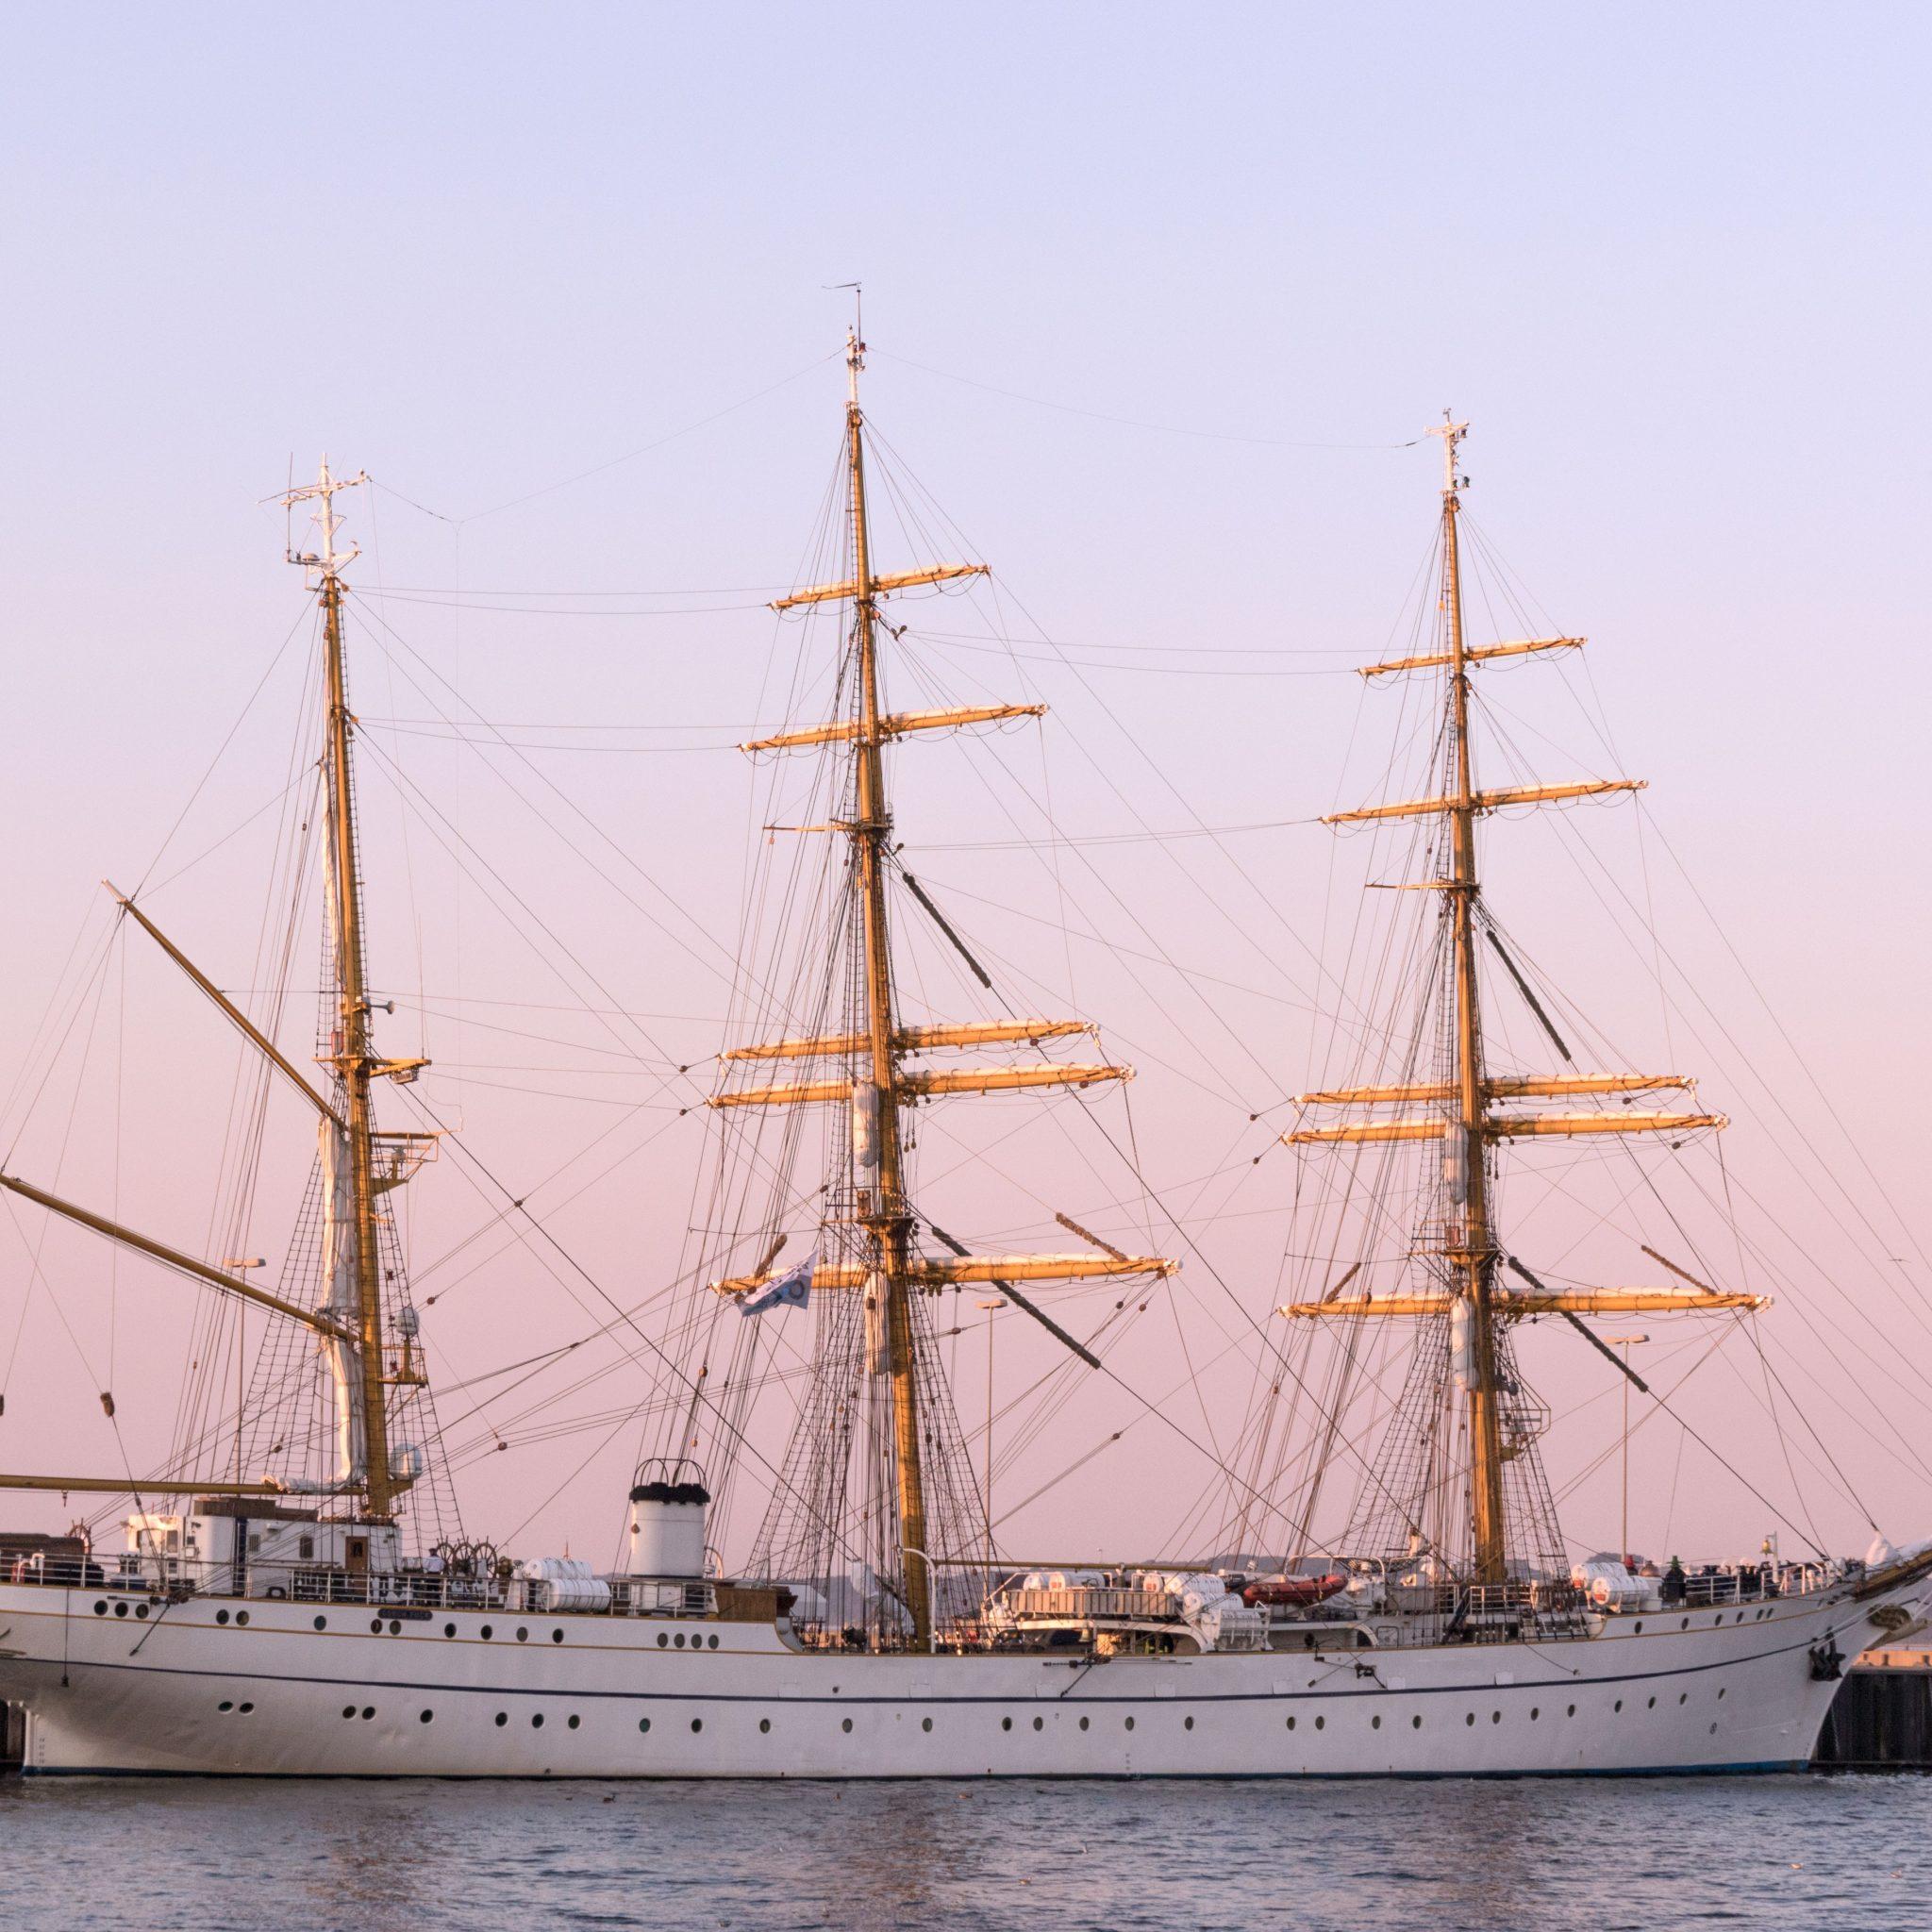 Zeilopleidingsschip Gorch Fock van de Duitse marine afgemeerd in de haven van Kiel. (Foto Wikimedia)